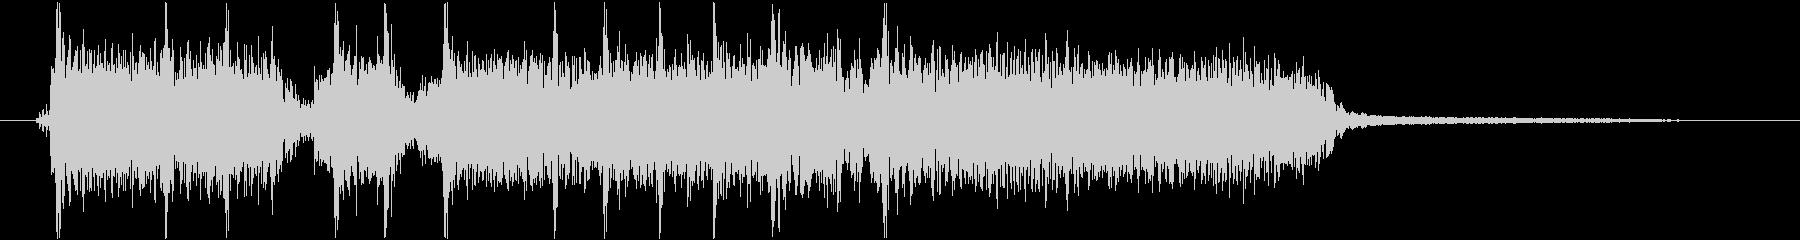 重い音のハードロックジングルの未再生の波形